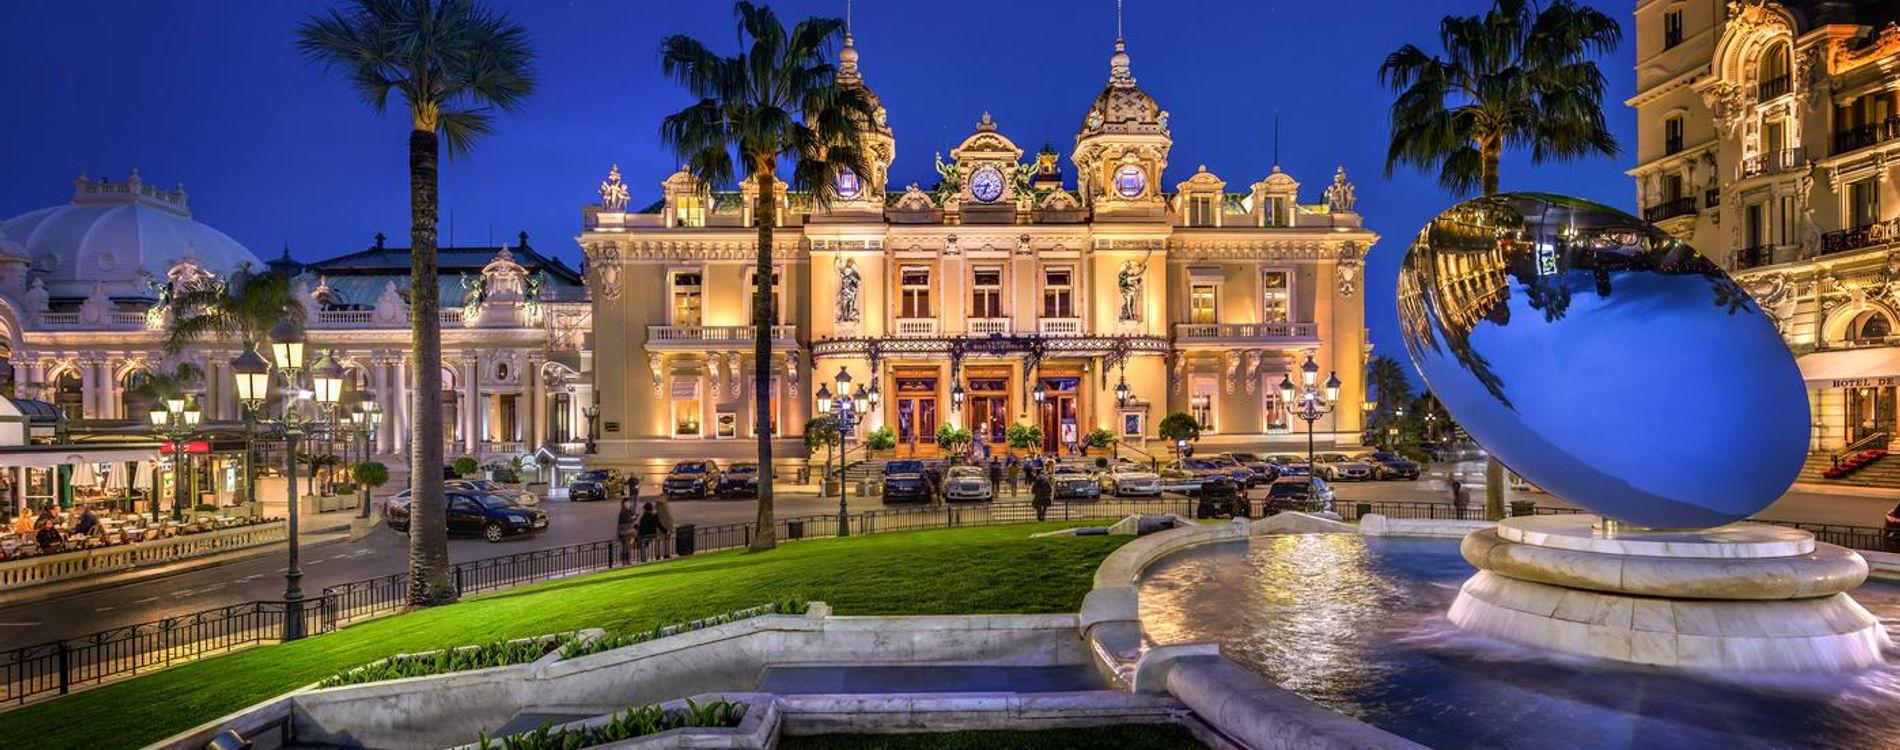 La Place du Casino